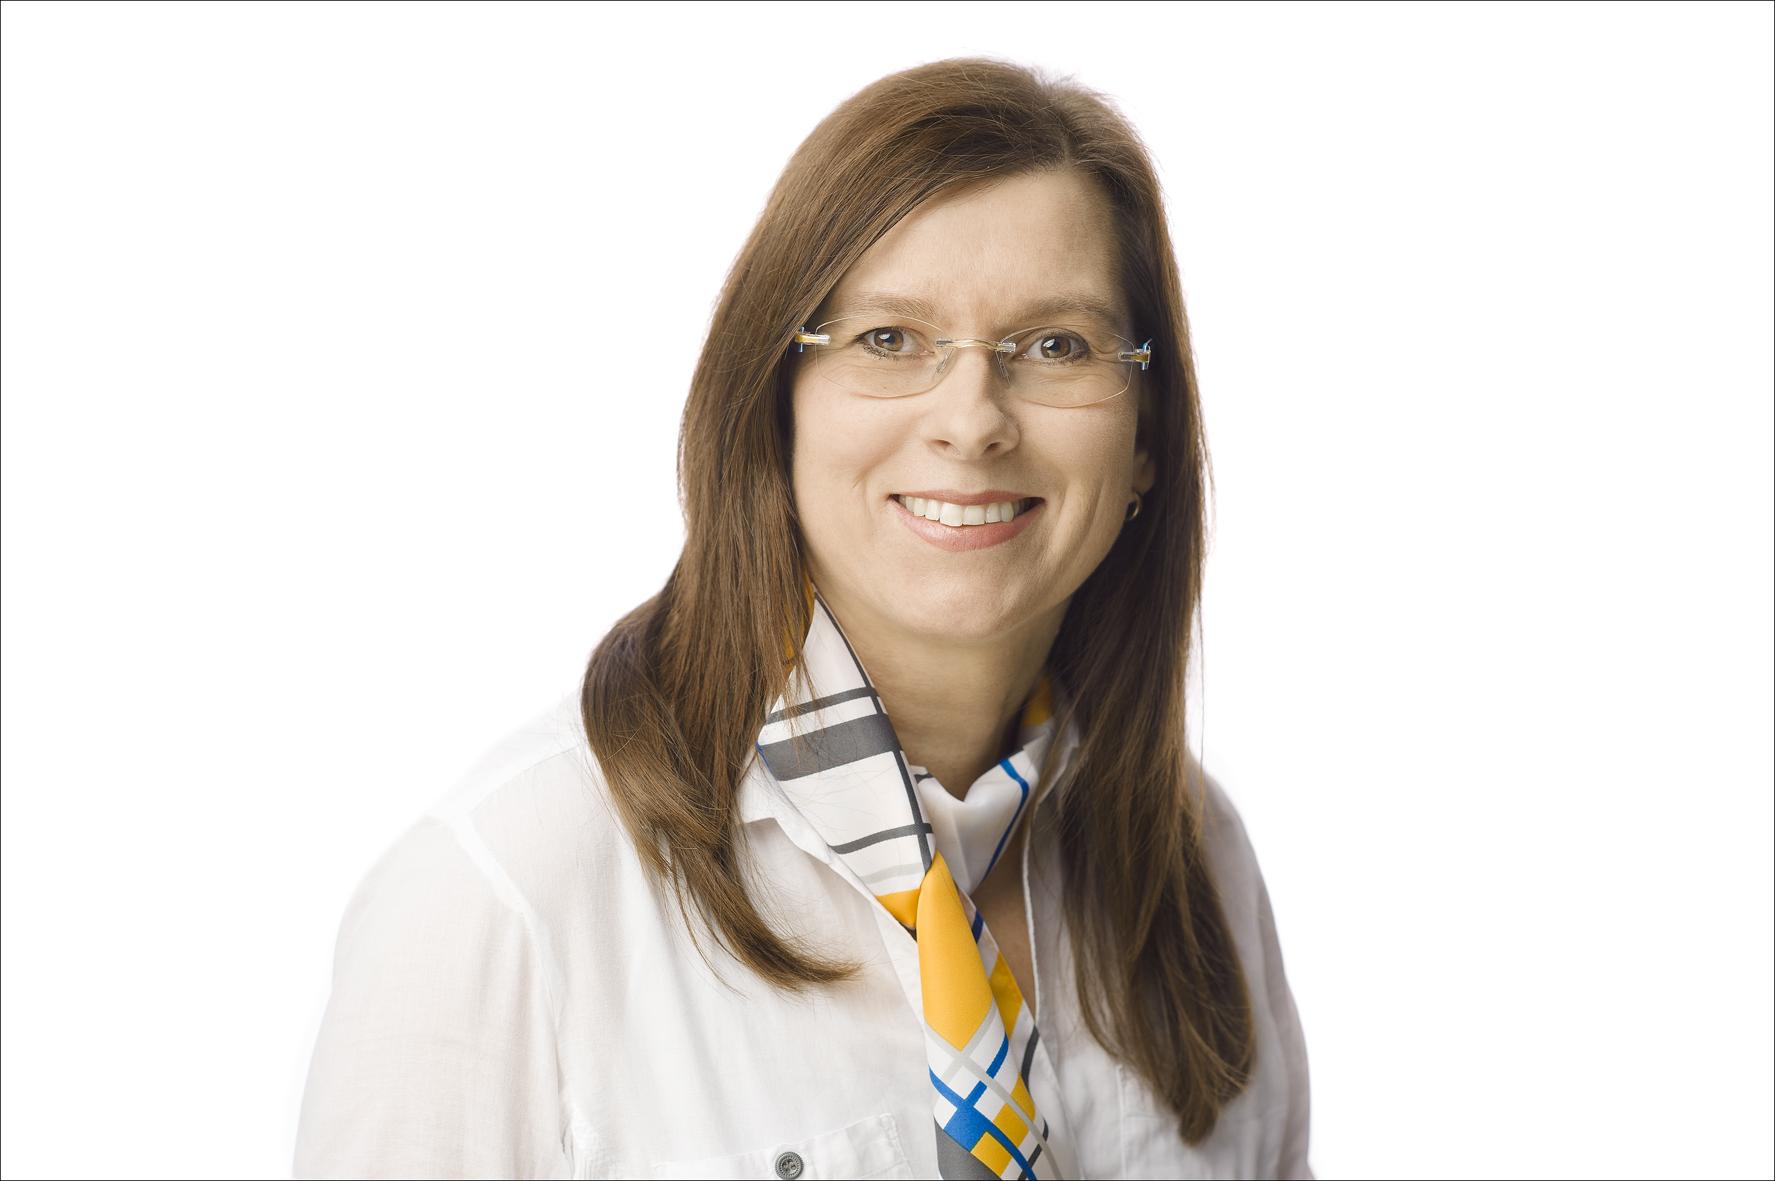 Diana Zollickhofer